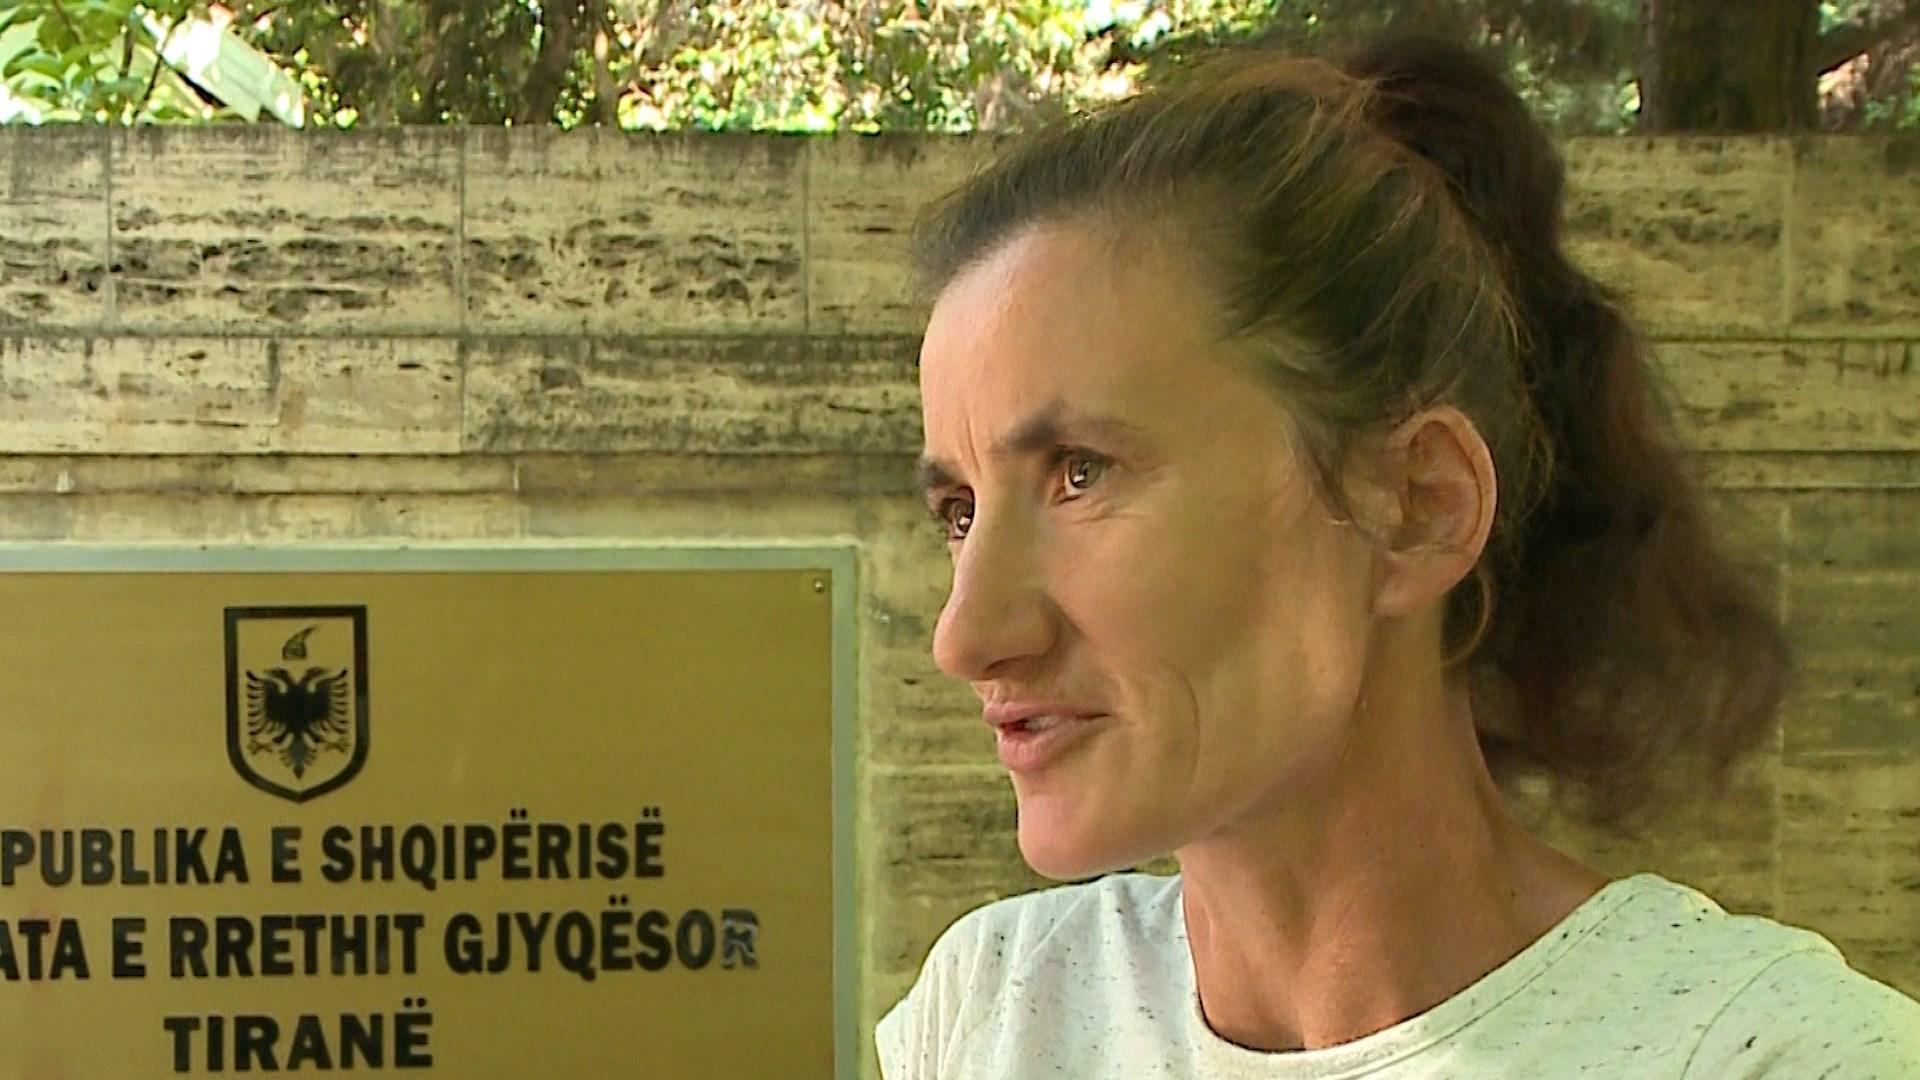 Dhuna në familje, Elisabeta Picari rrëfen tmerret e përjetuara nga ish burri